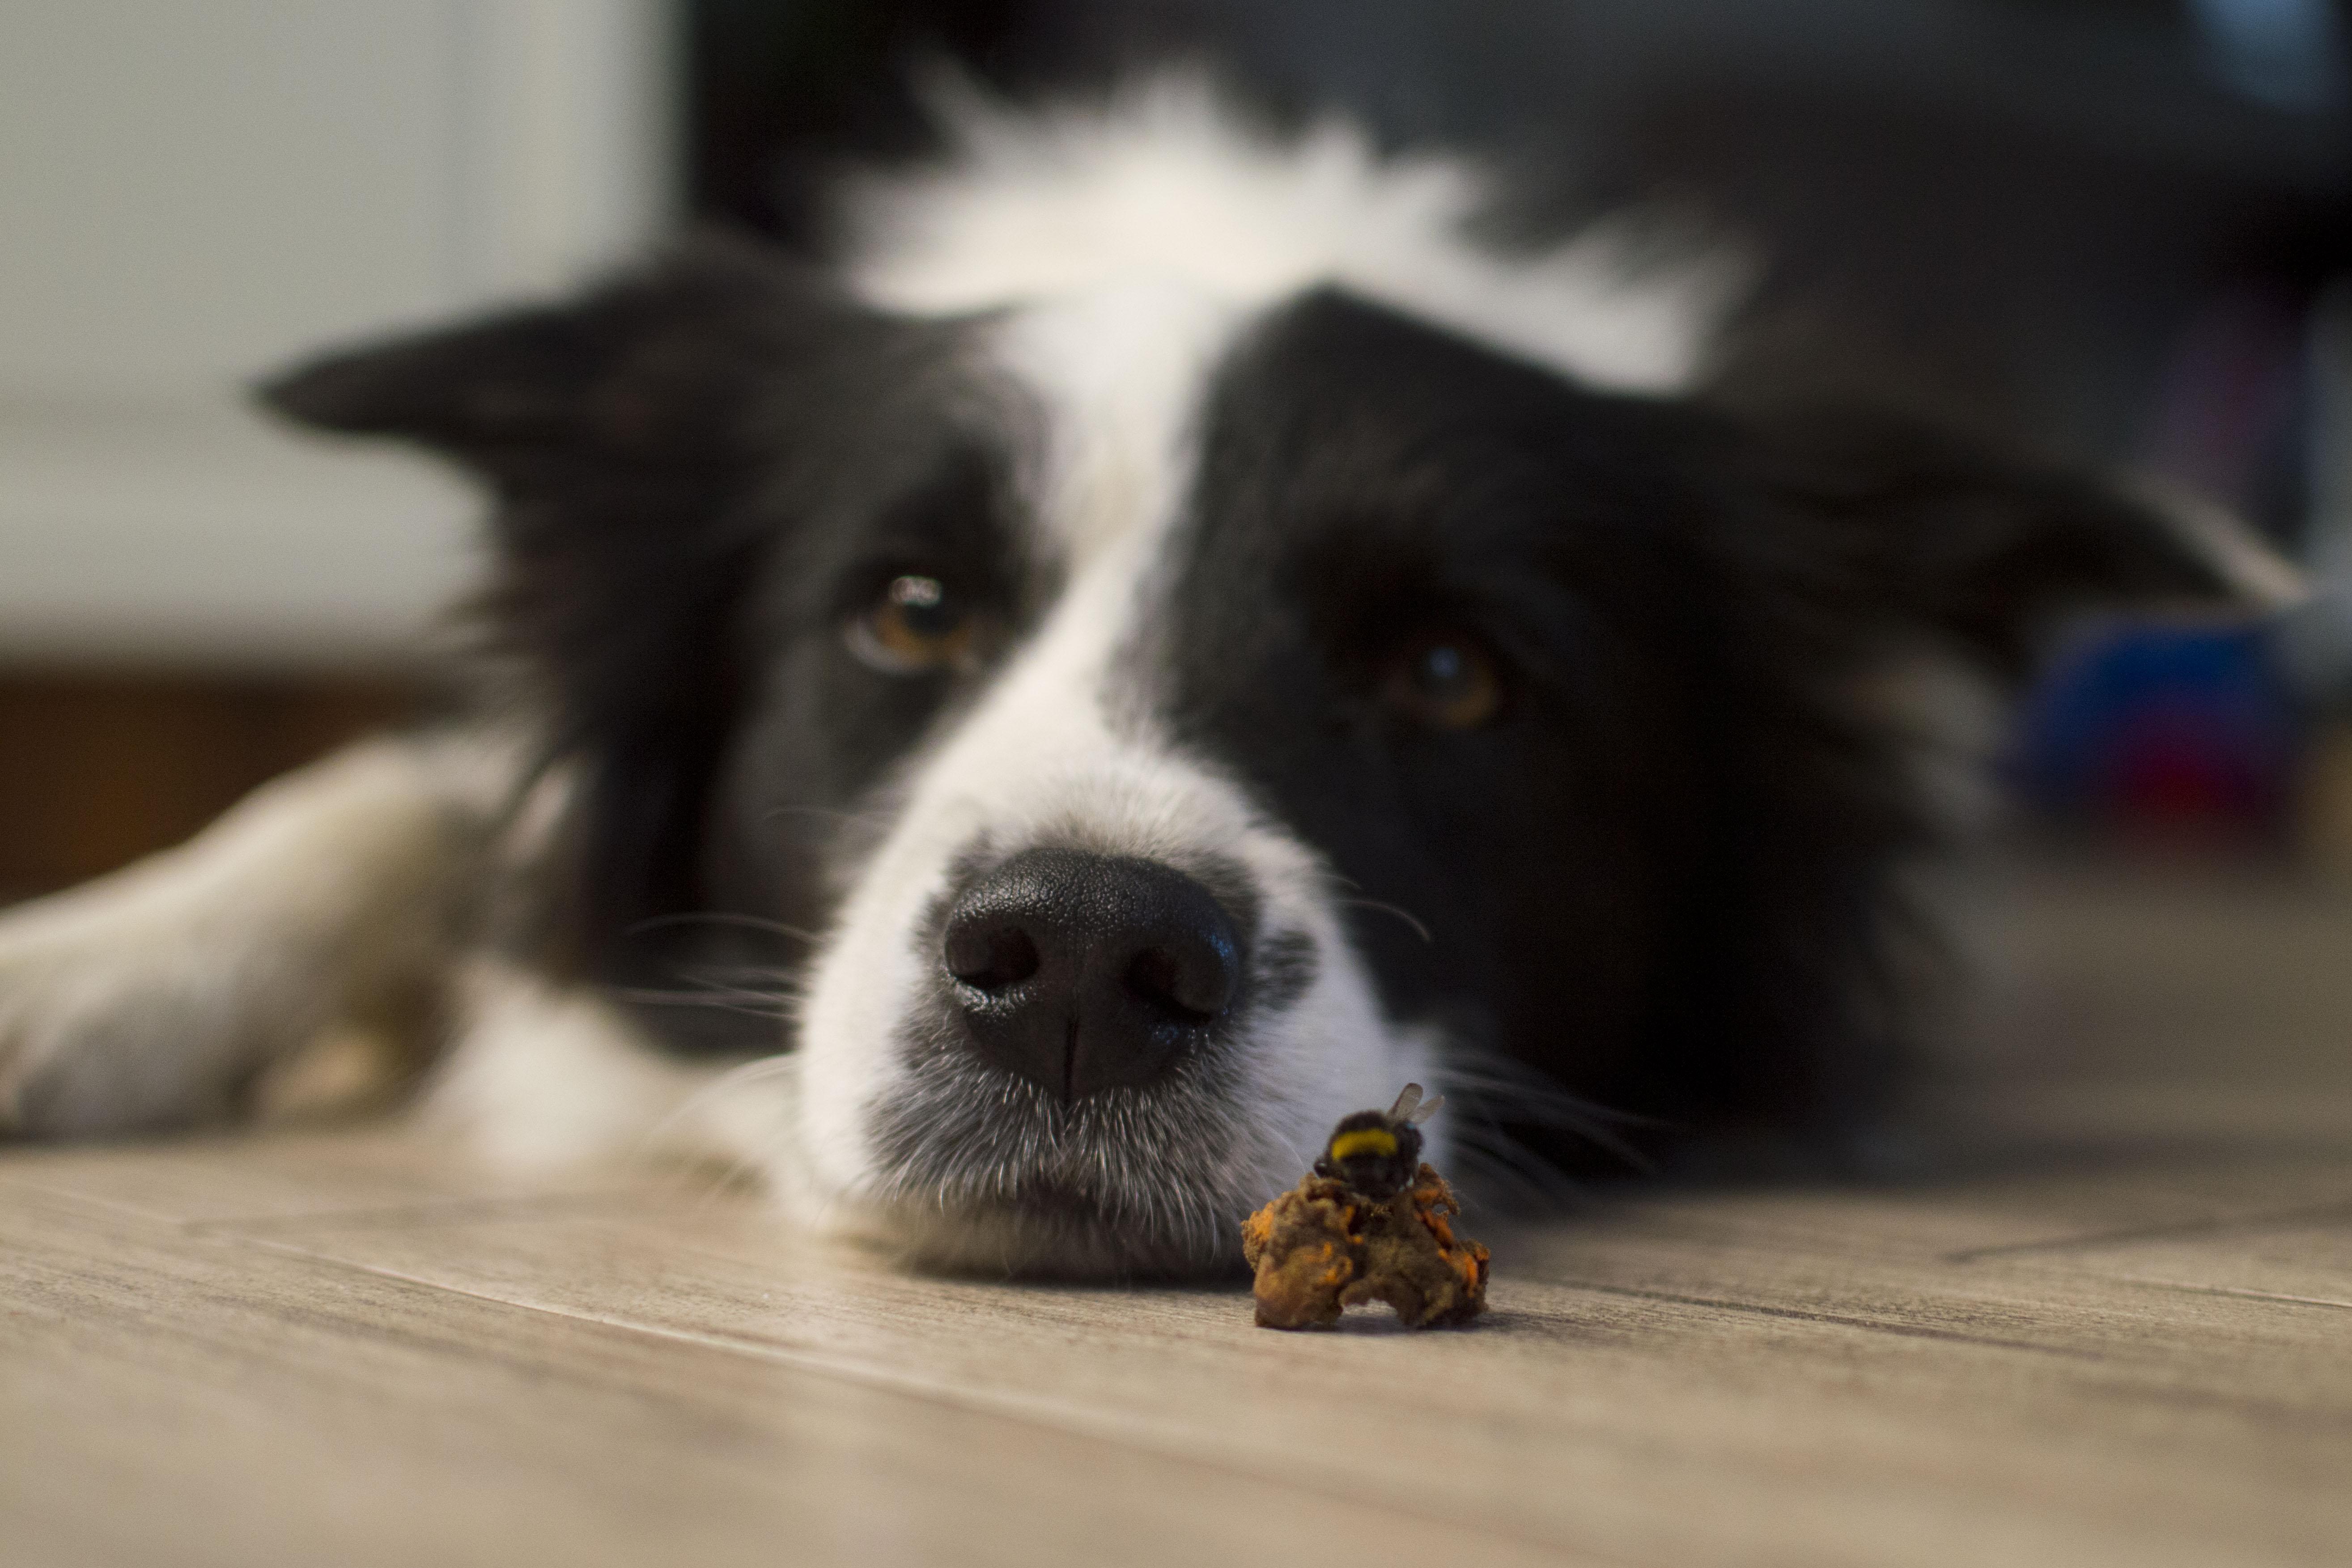 Játékkal tanulnak új szavakat a kutyák - derül ki egy magyar kutatásból